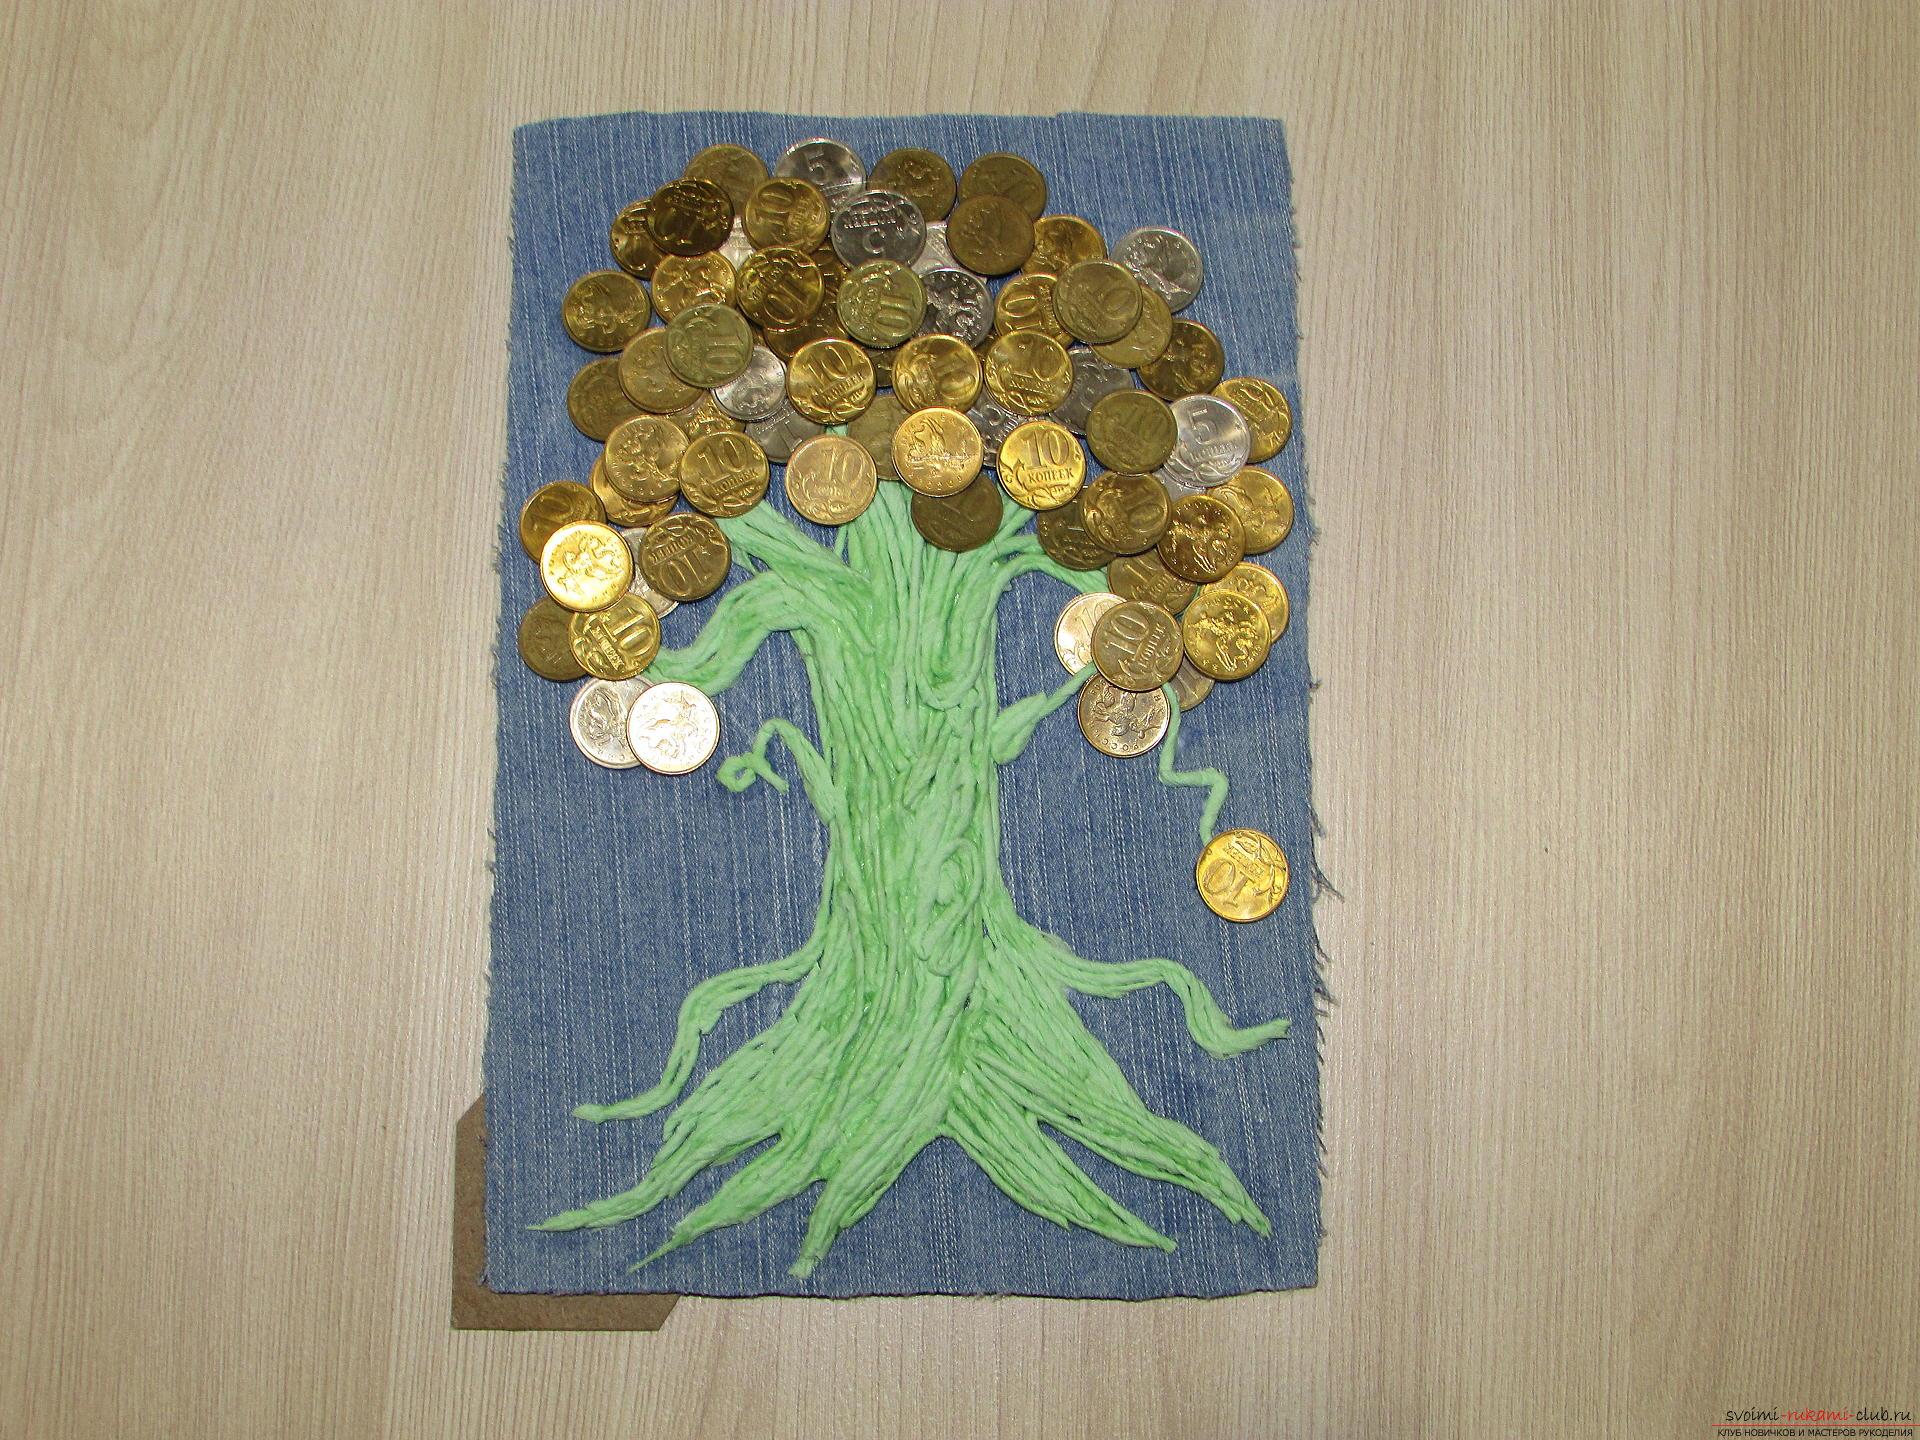 Мастер-класс покажет как сделать денежное дерево из монет своими руками.. Фото №11